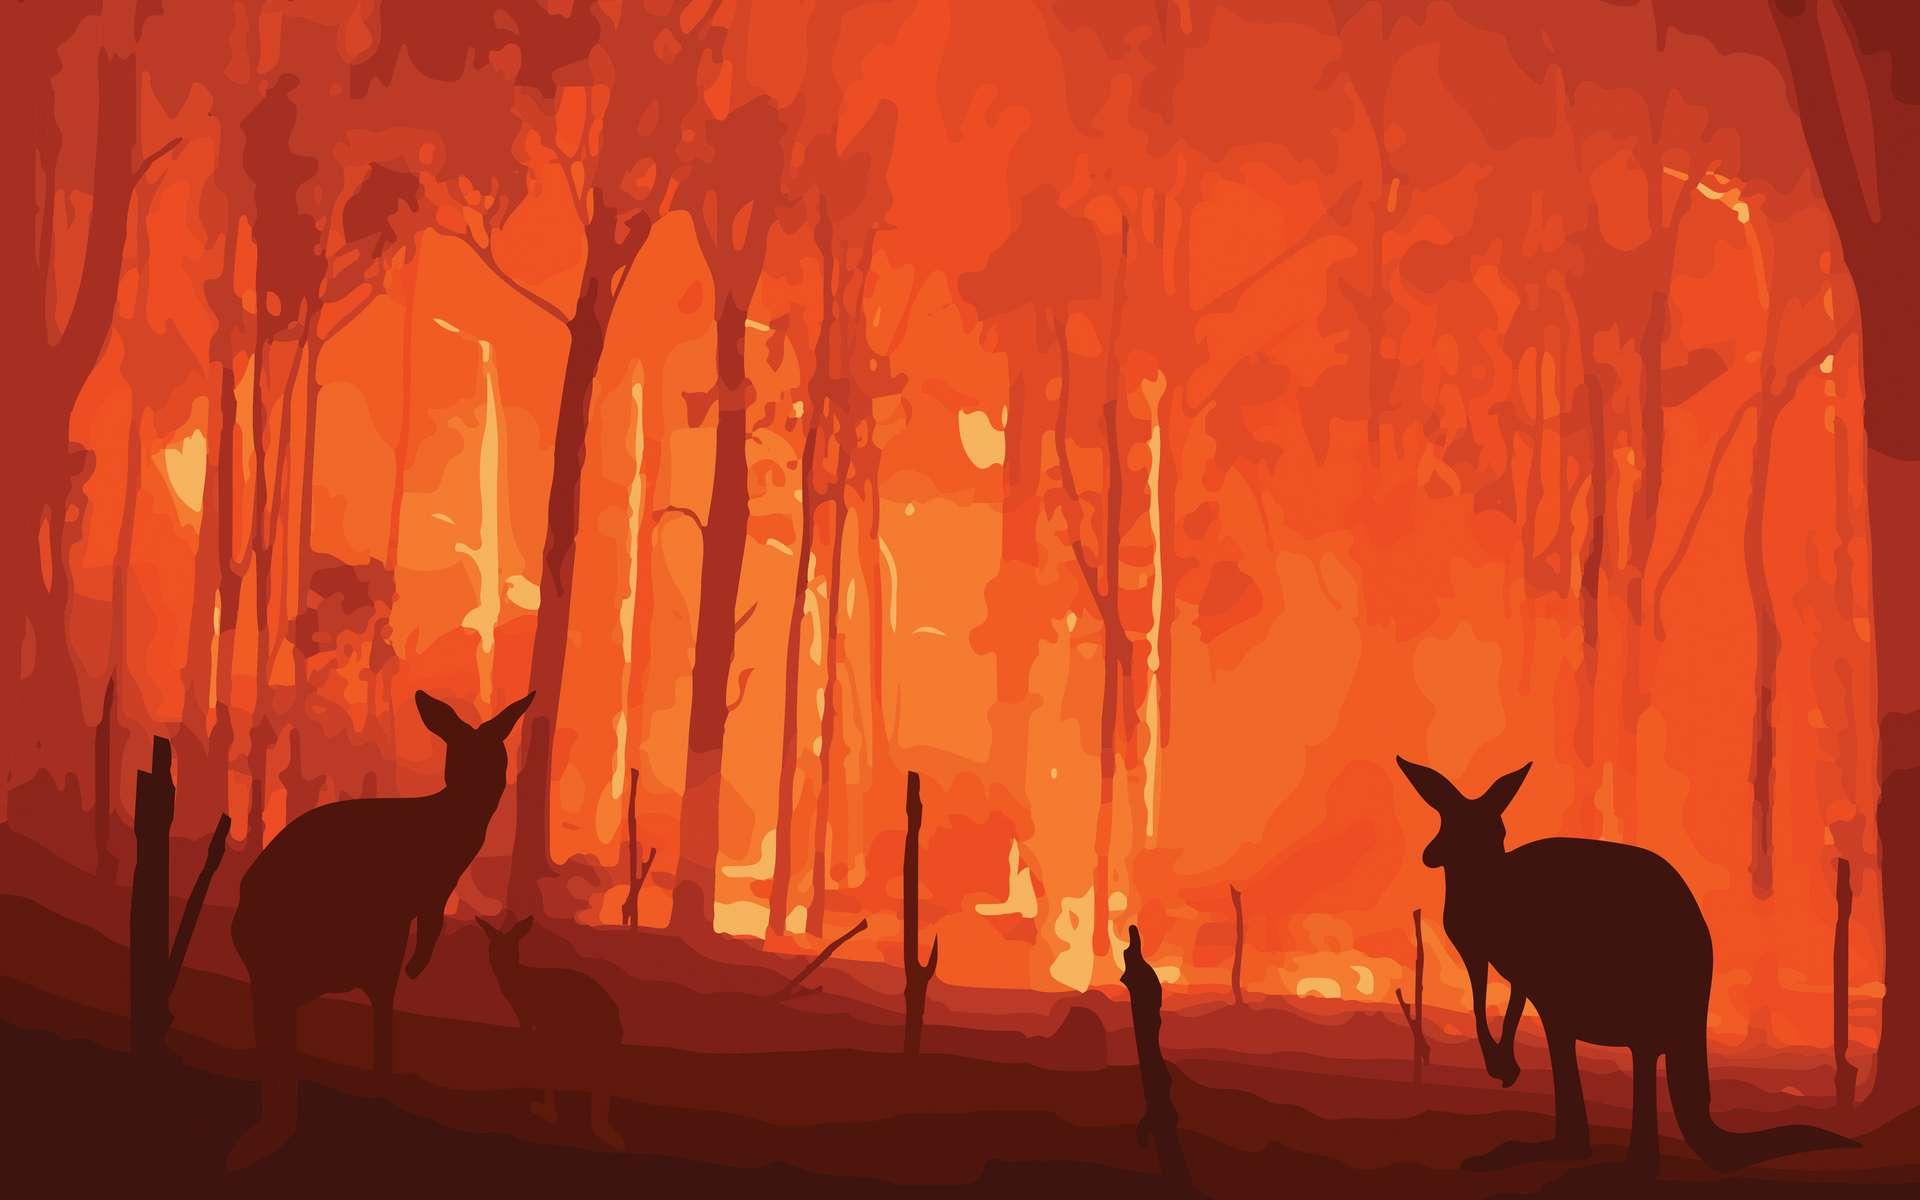 Plus d'un milliard d'animaux ont péri dans les incendies qui ravagent l'Australie depuis le printemps austral 2019. © lllonajalll, Adobe Stock